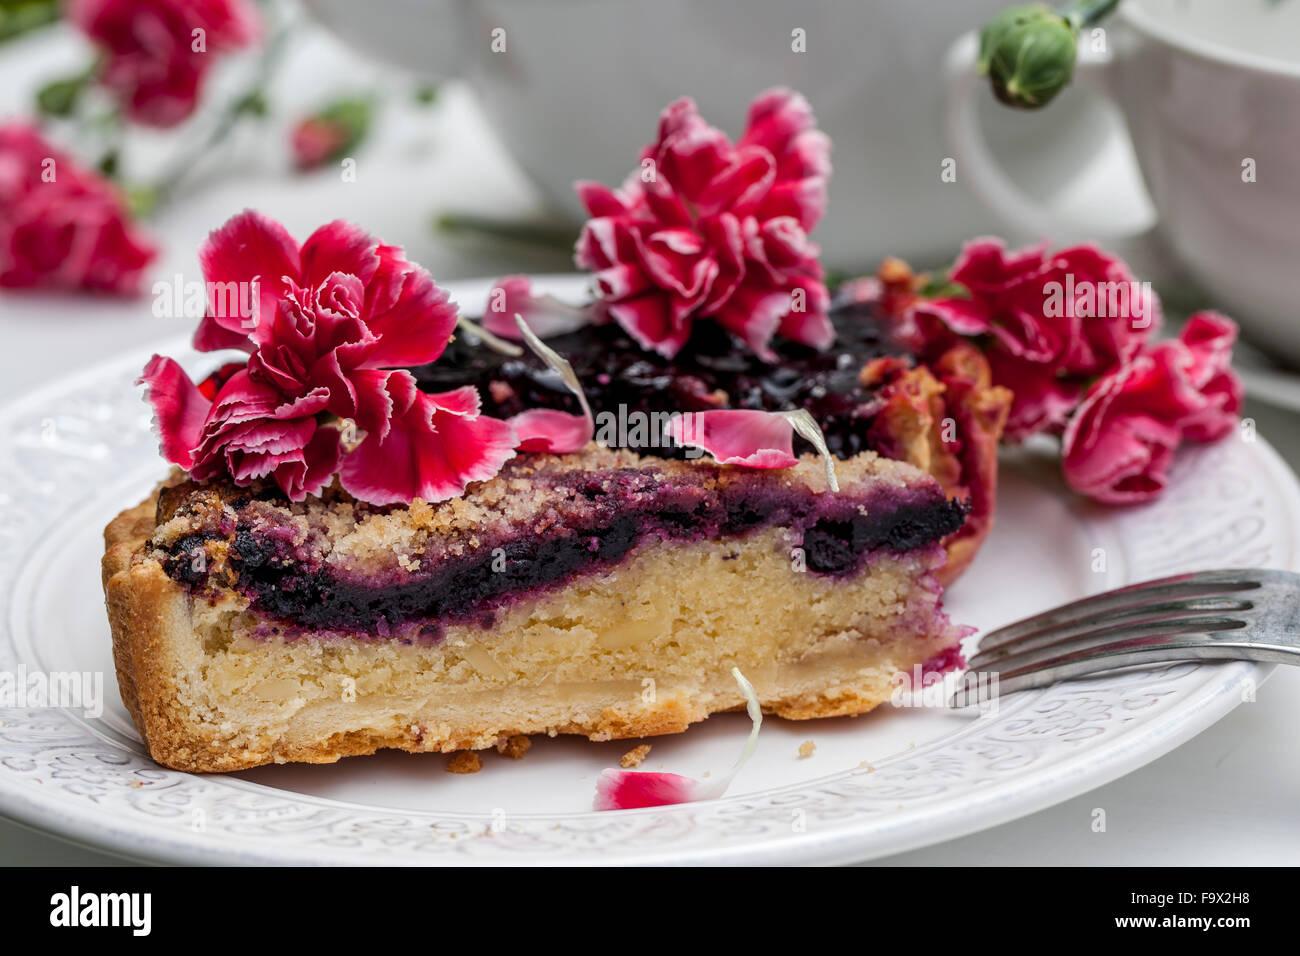 Materiel Fleurs Comestibles Rose Un Gateau Aux Fruits Procedure